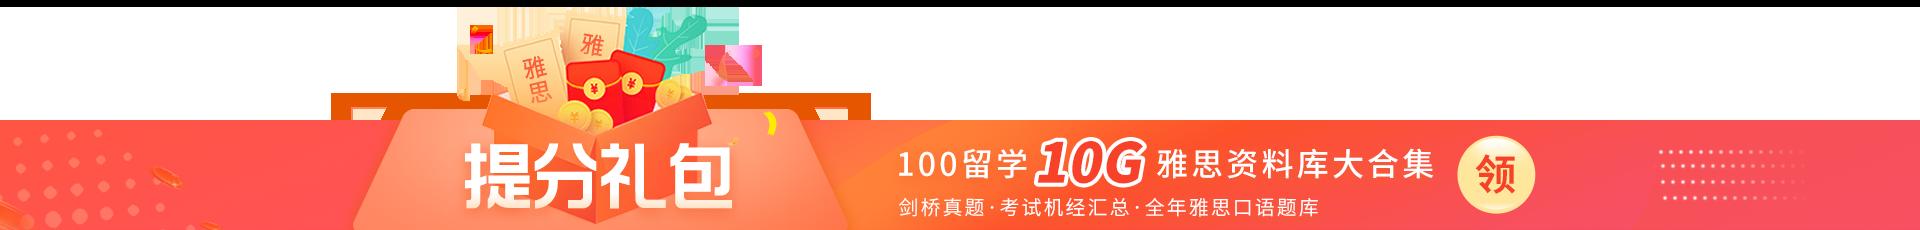 上海体彩网 alt=